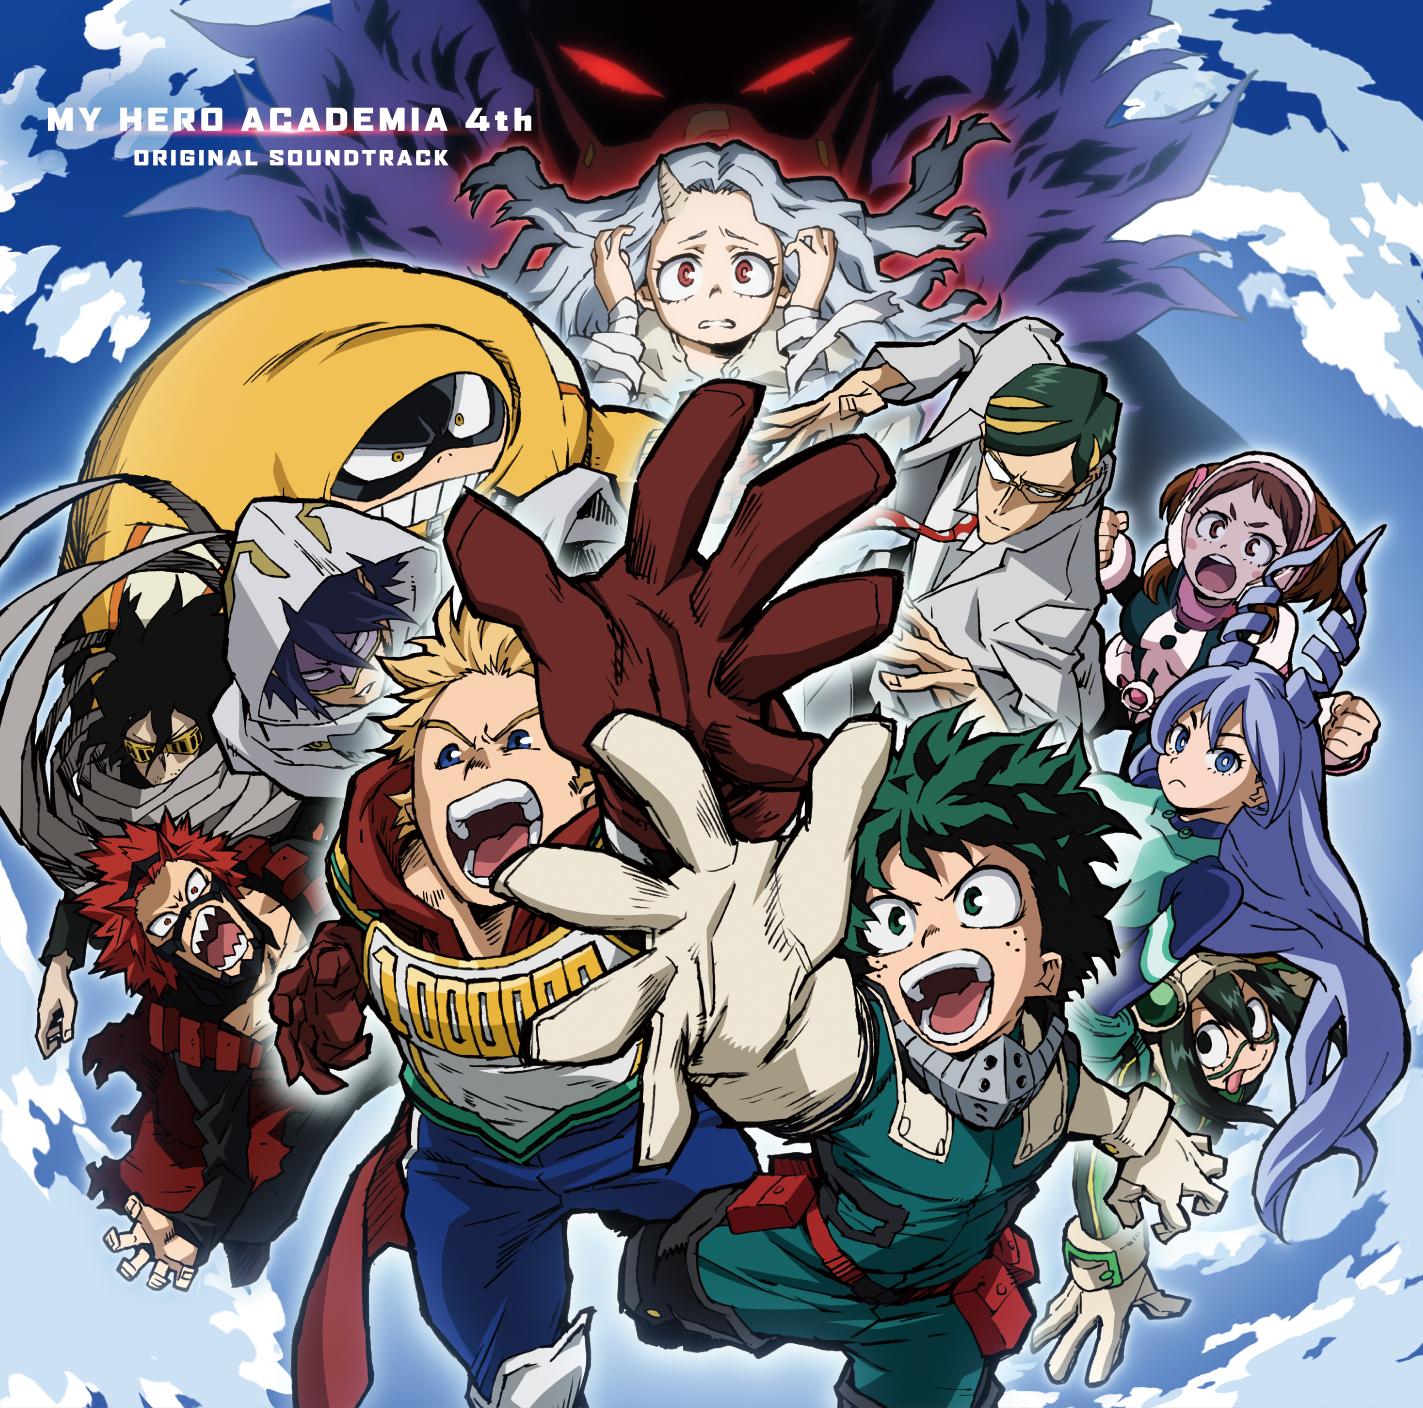 Boku no Hero Academia 4th Original Soundtrack / 僕のヒーローアカデミア 4th オリジナル・サウンドトラック